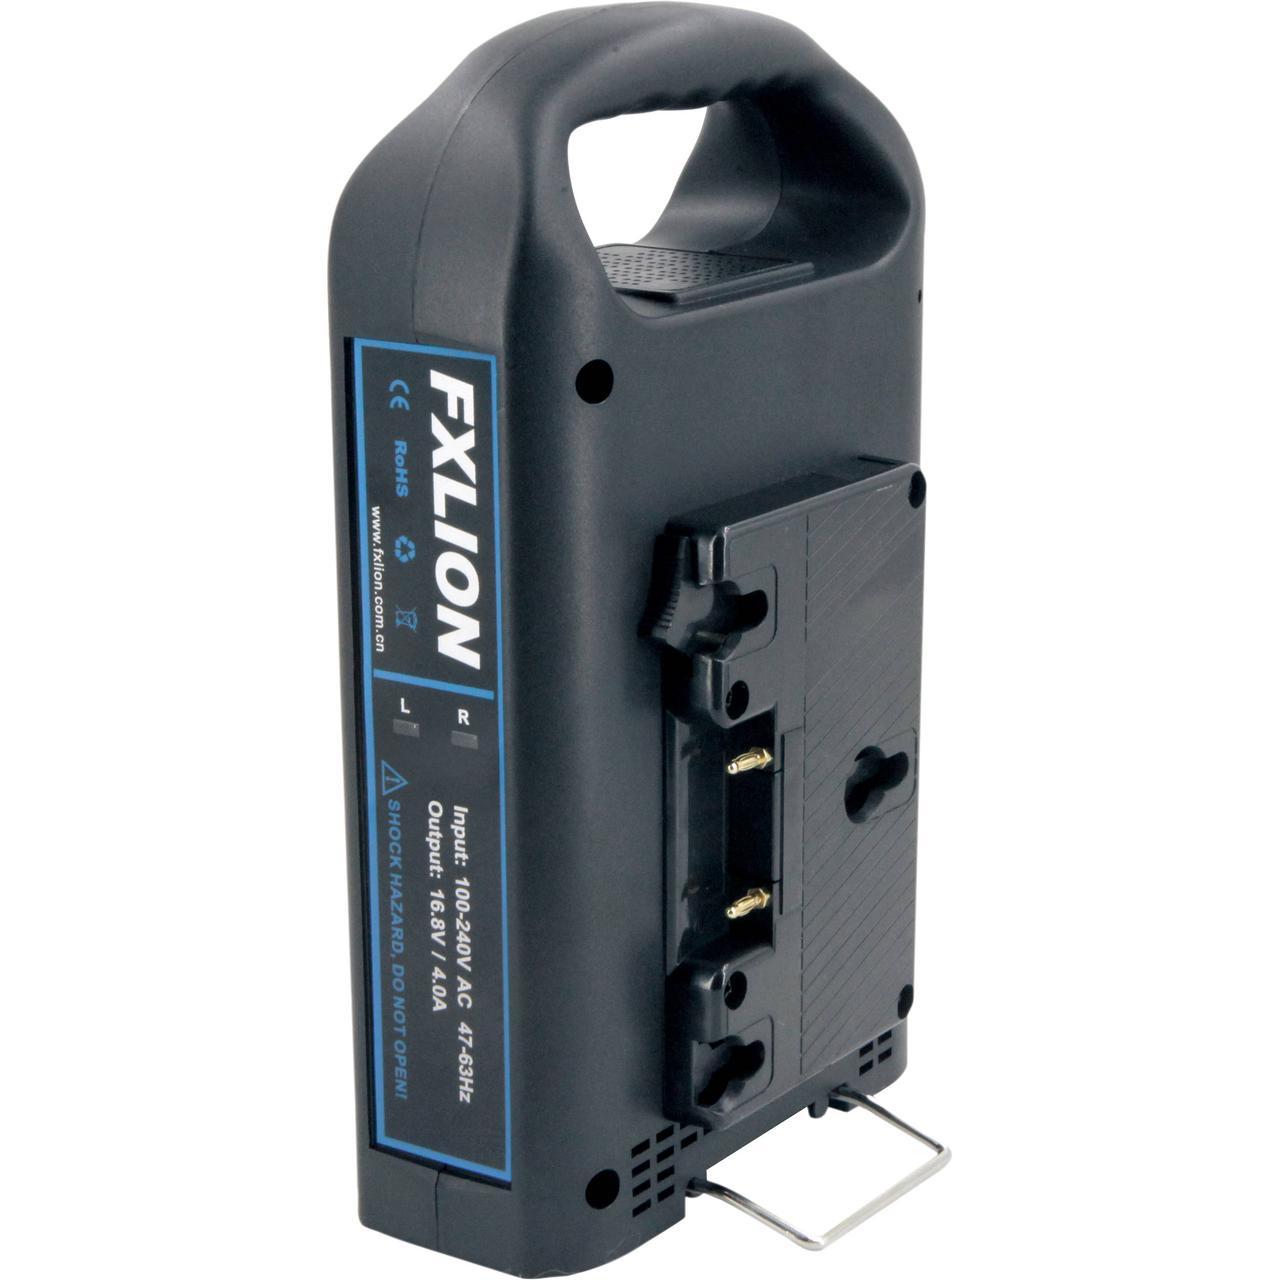 Зарядное устройство FXlion PL-Q80A  Gold-Mount Charger (PL-Q80A)